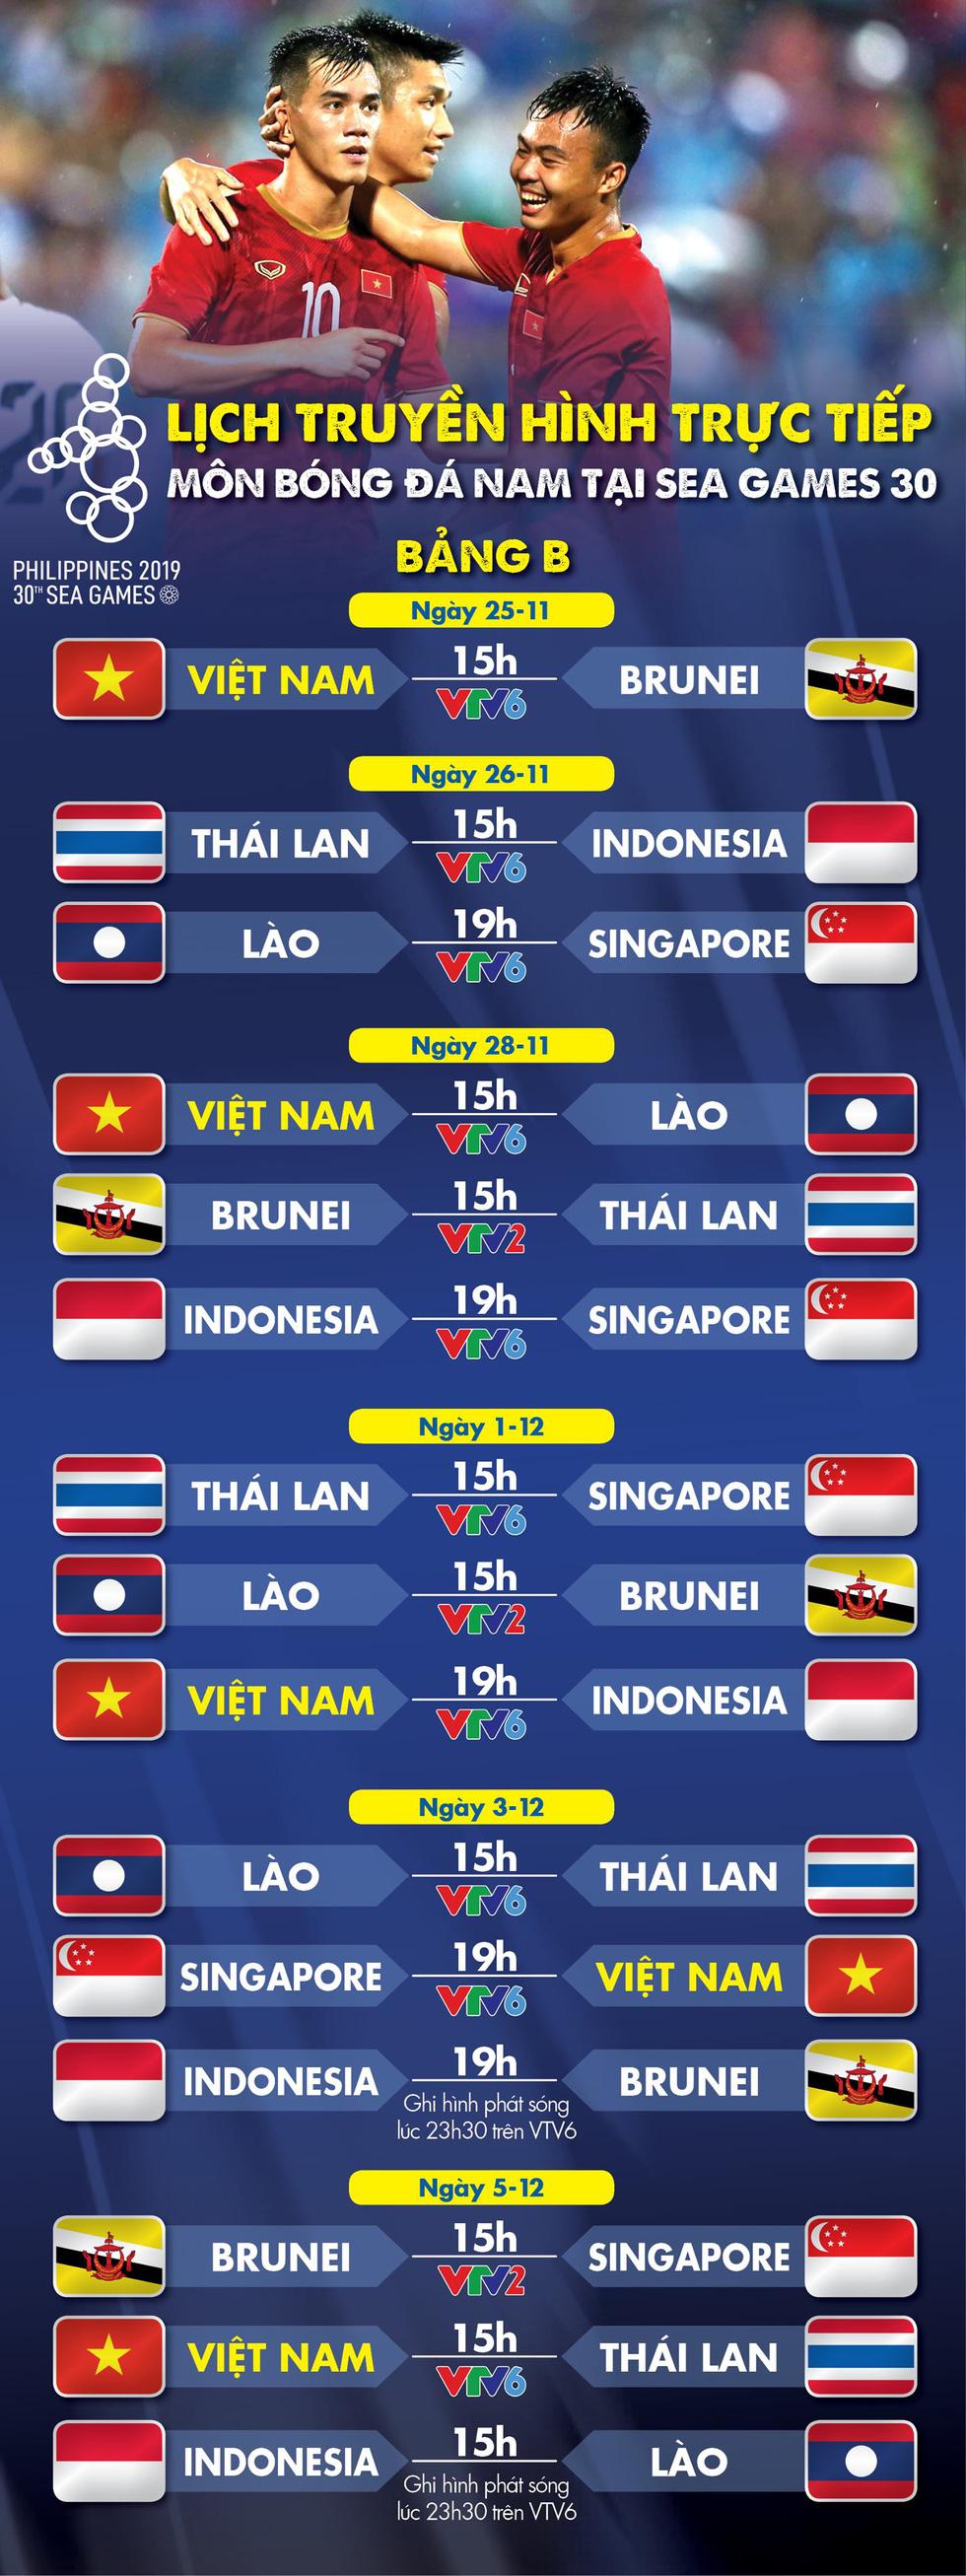 Lịch trực tiếp U22 Việt Nam và các đội ở bảng B SEA Games 2019 - Ảnh 1.